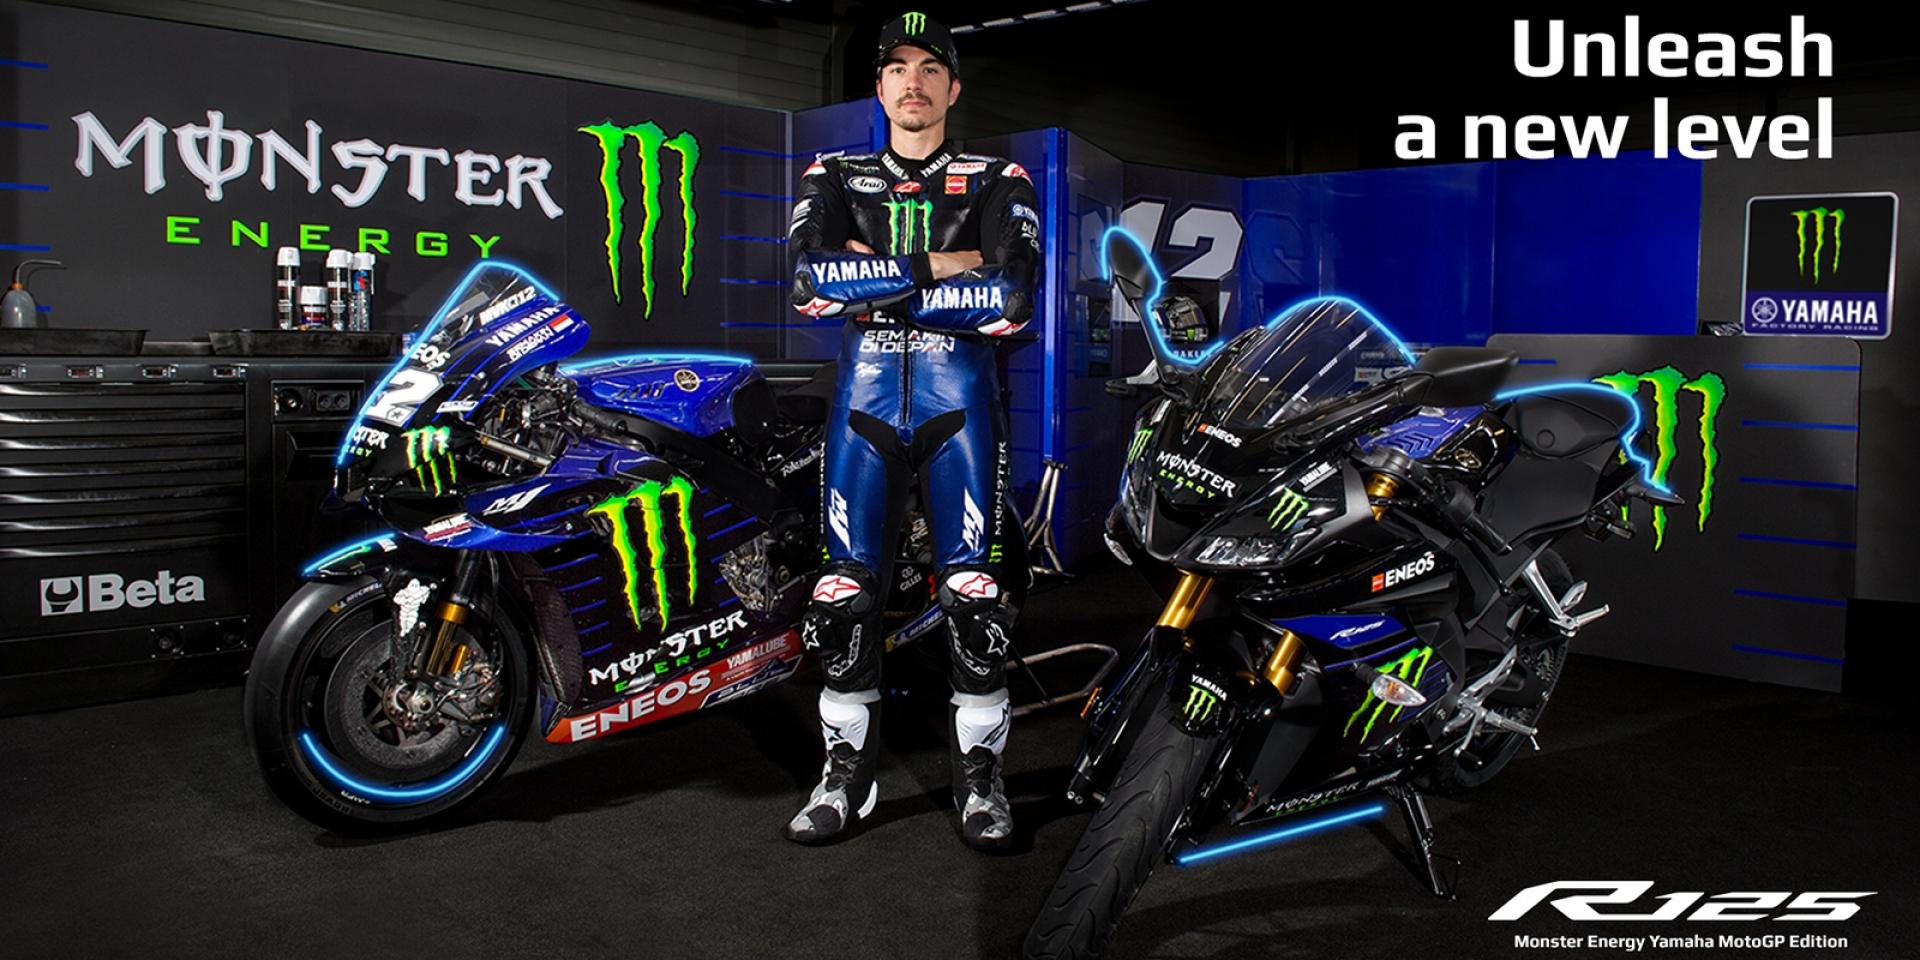 輕檔戰神GP塗裝上身!YZF-R125 Monster Energy Yamaha MotoGP Edition 歐洲發表